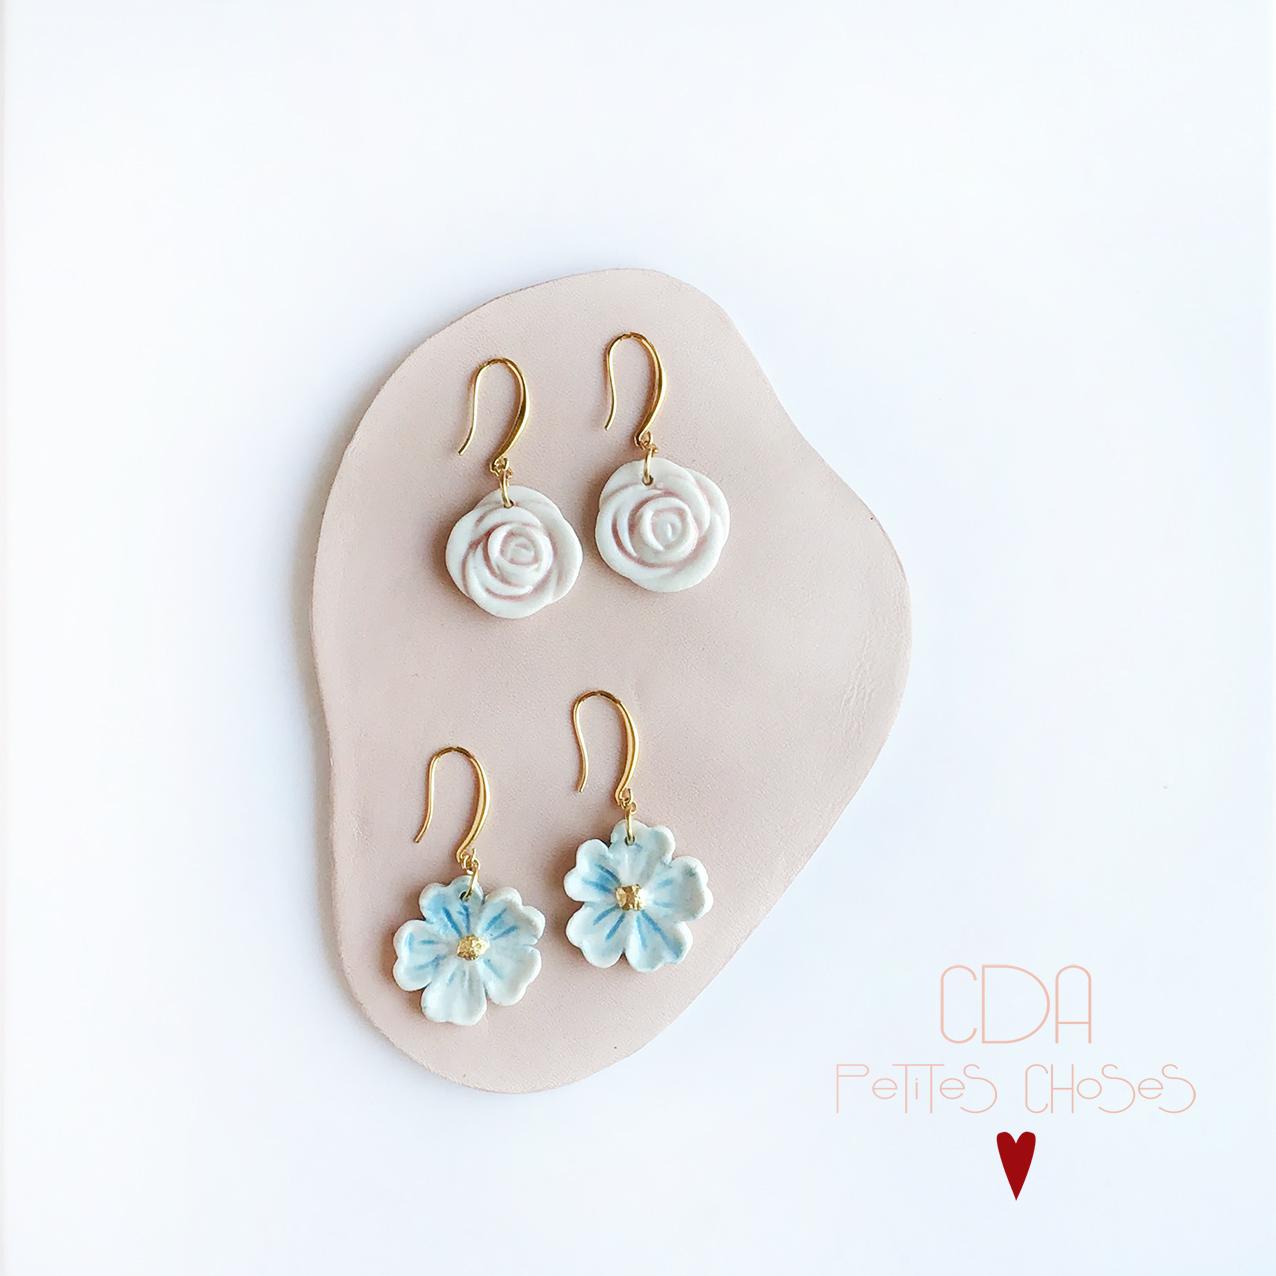 Boucles d'oreilles fleurs en porcelaine CDA Petites Choses